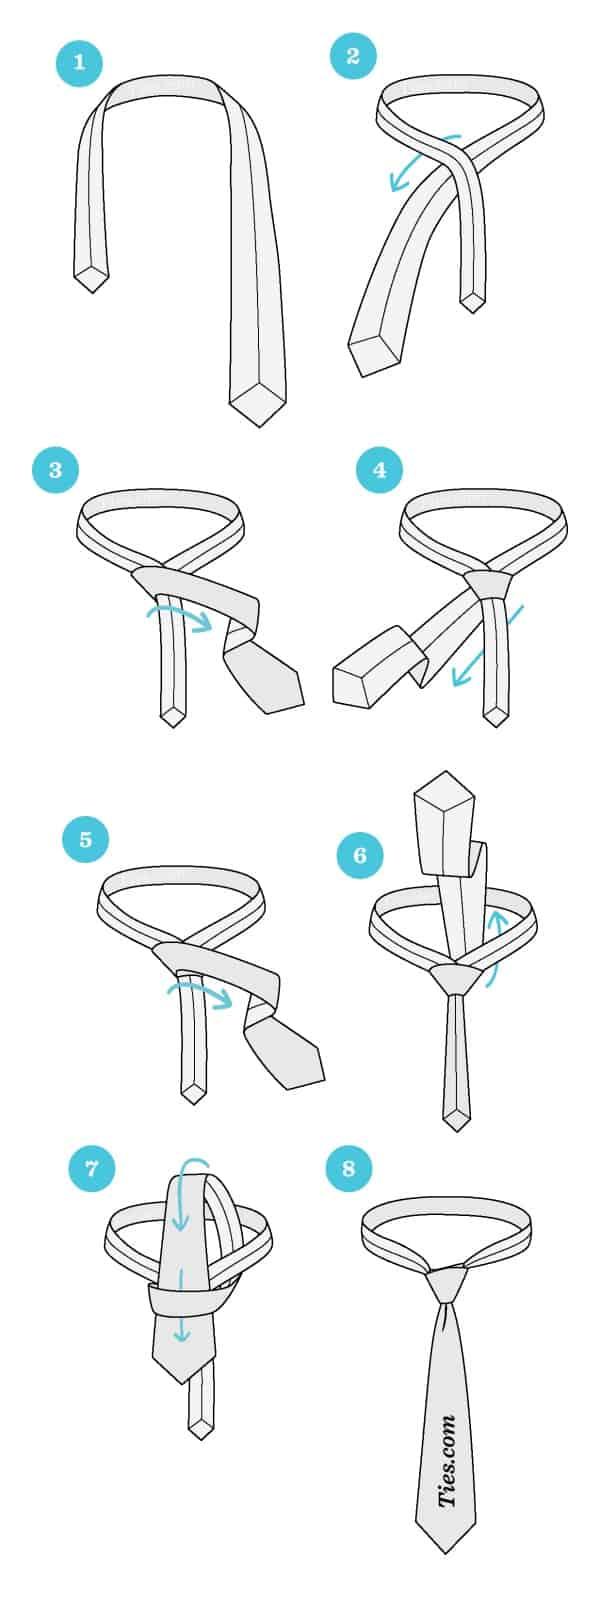 Stylish Different Ways To Tie a TieStylish Different Ways To Tie a Tie